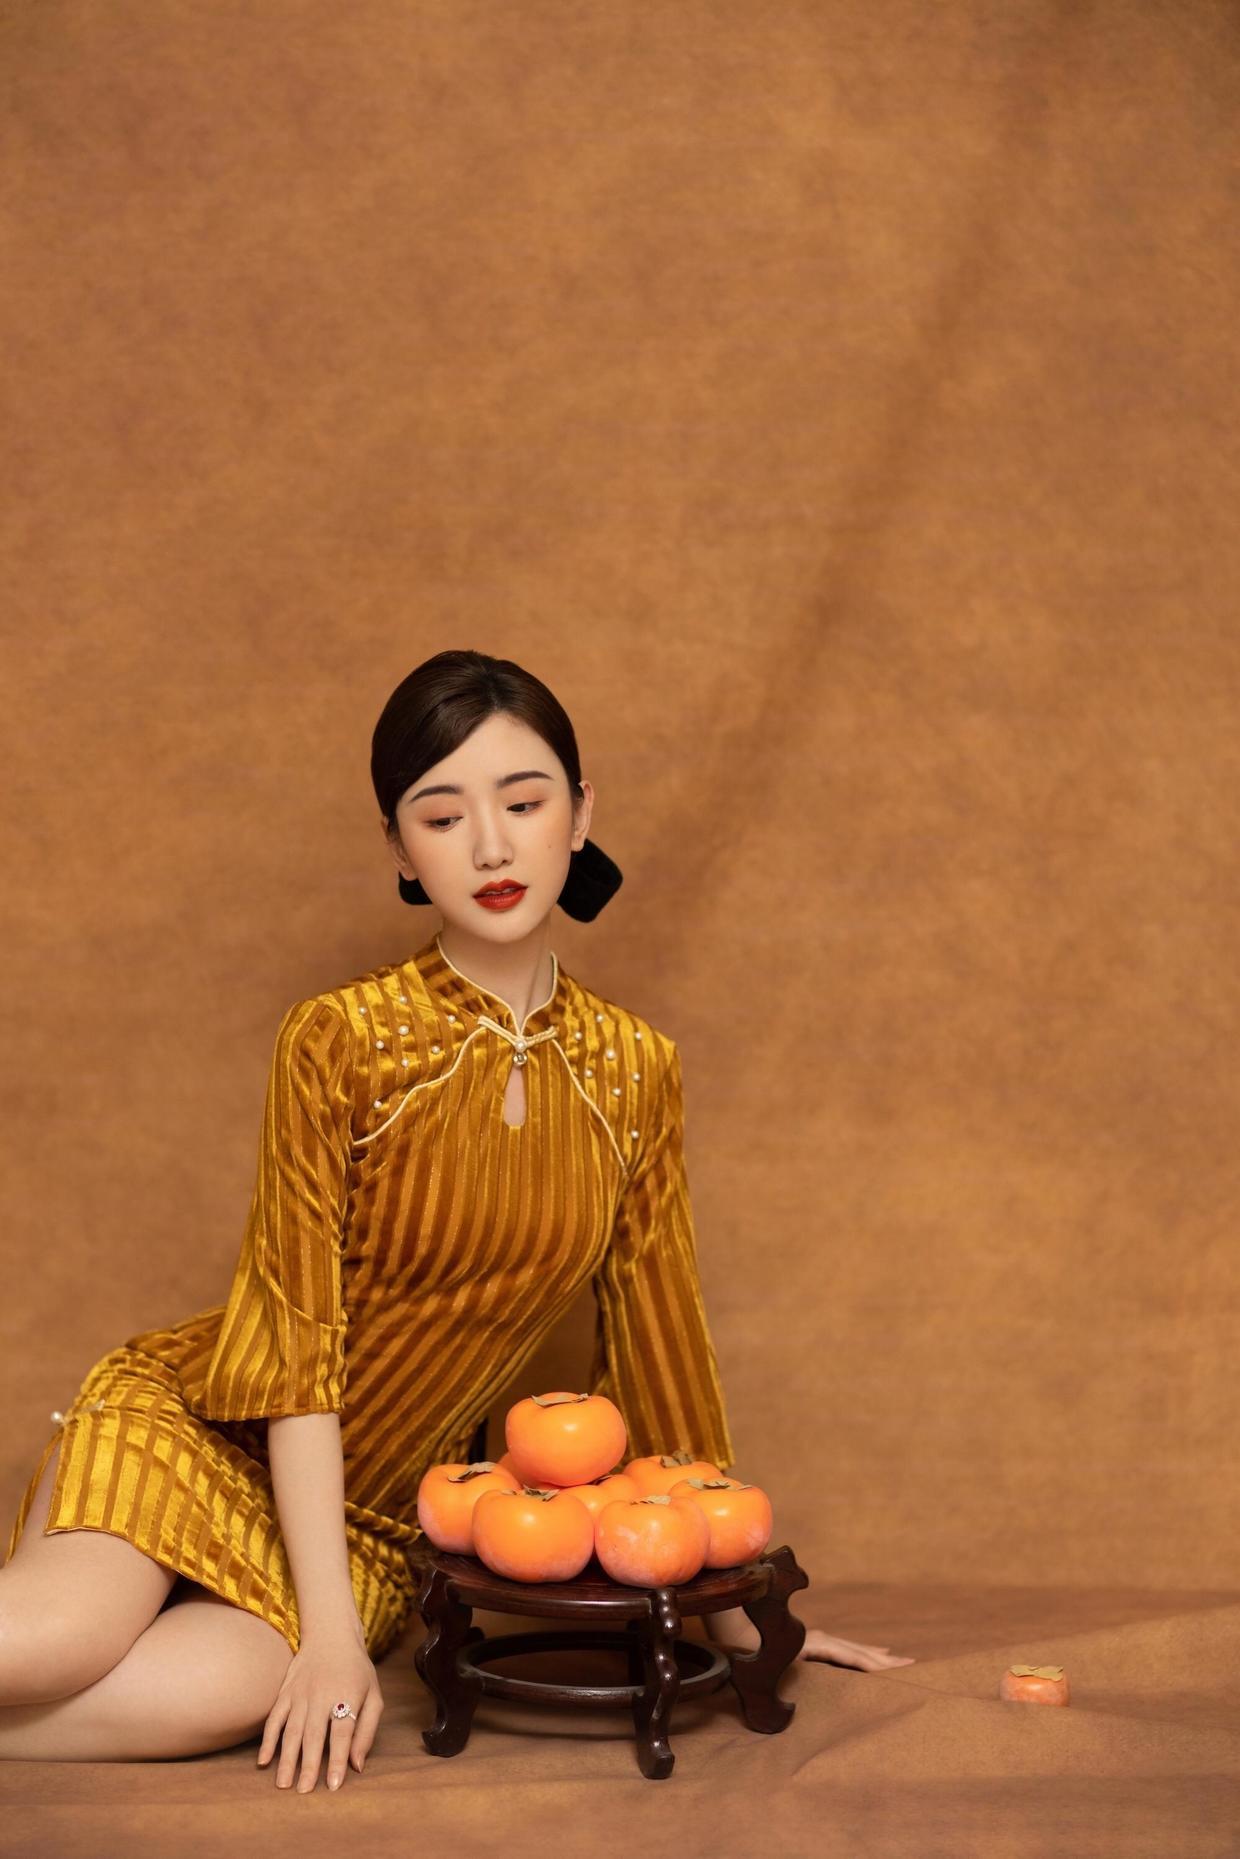 """有种""""古典美""""叫毛晓彤穿旗袍,金色丝绒旗袍温婉大气,美得惊艳"""